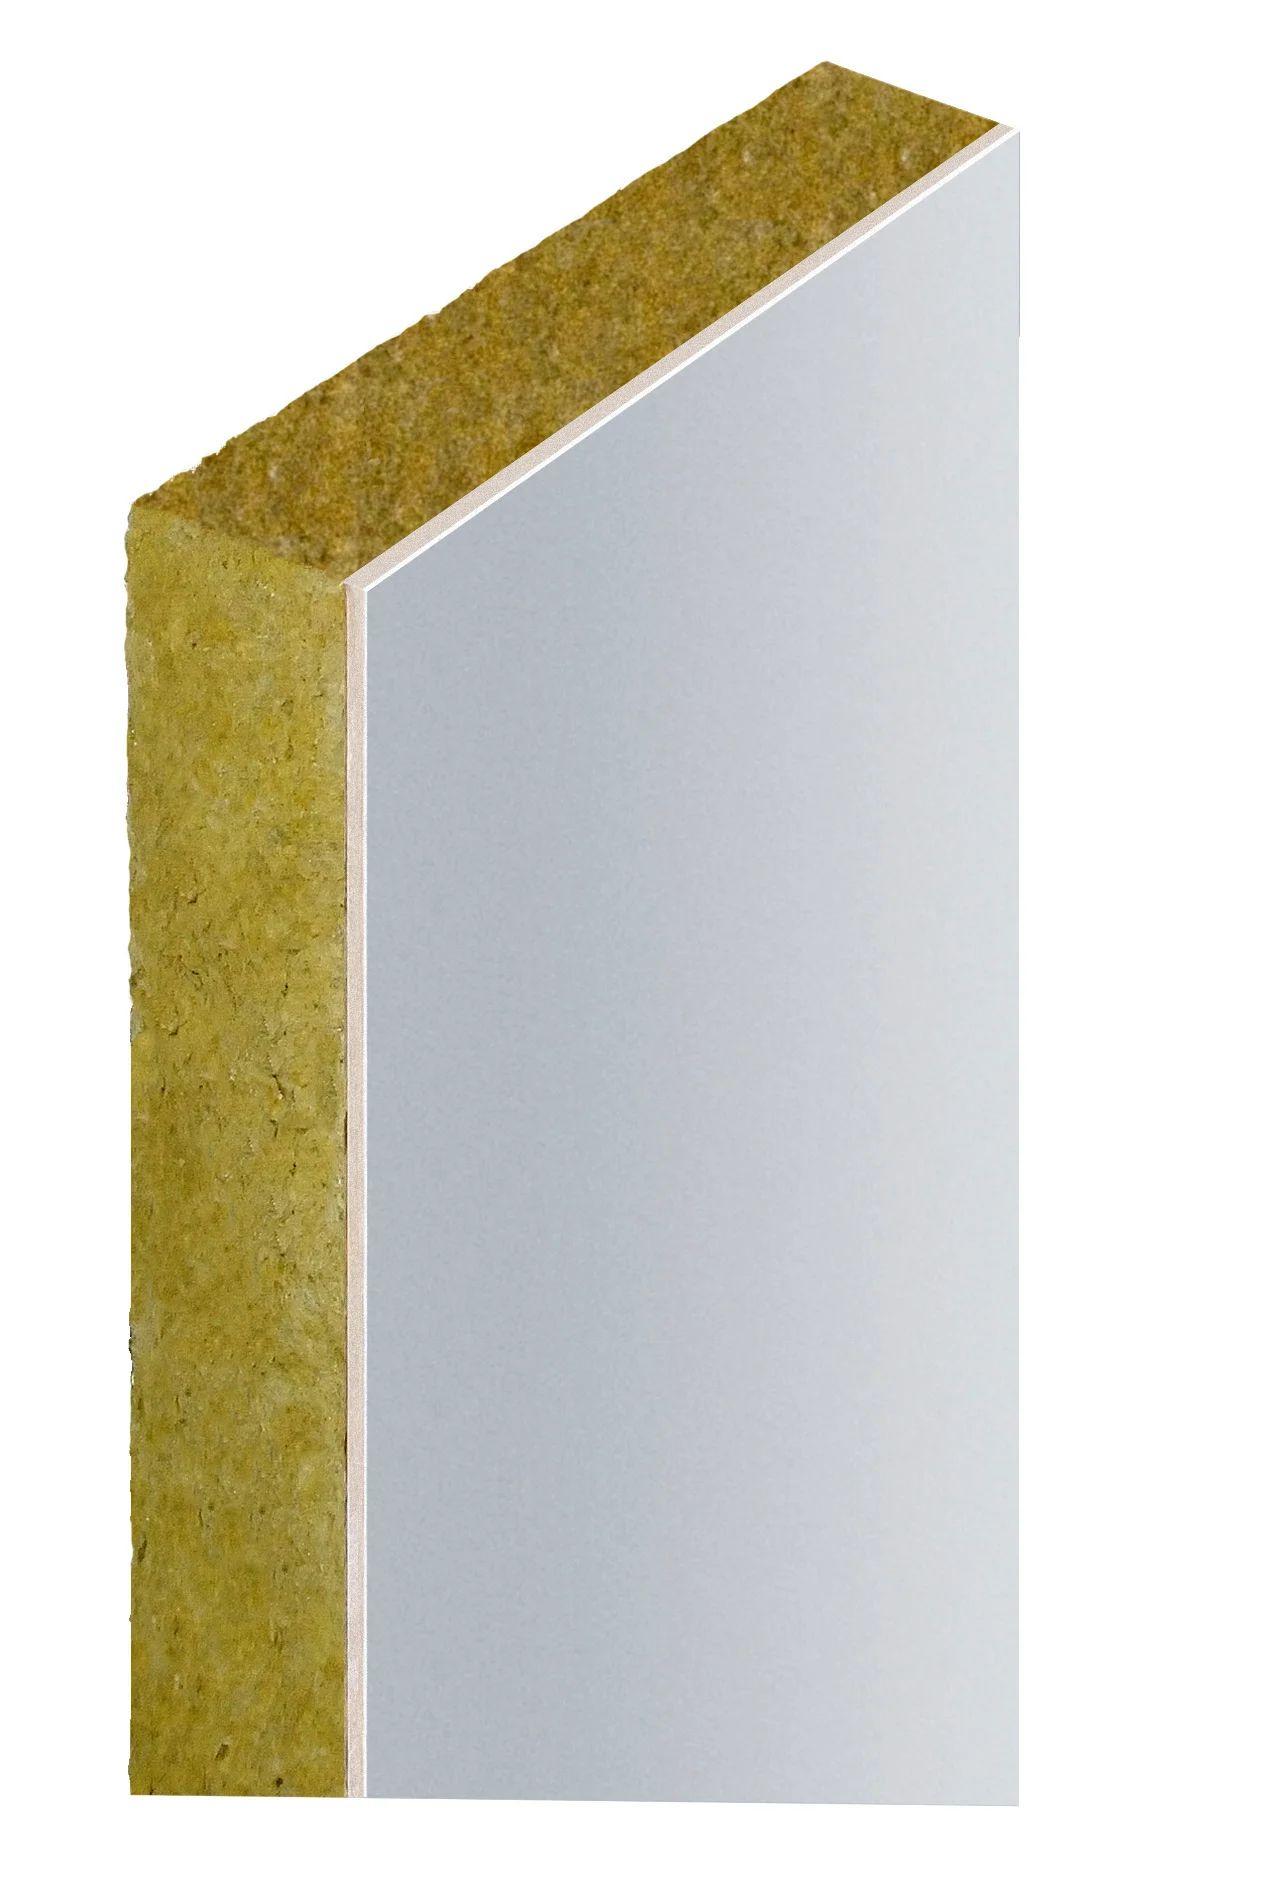 Doublage En Laine De Roche Labelrock Rockwool 2 5x1 2m Ep 90mm R 2 4 Leroy Merlin